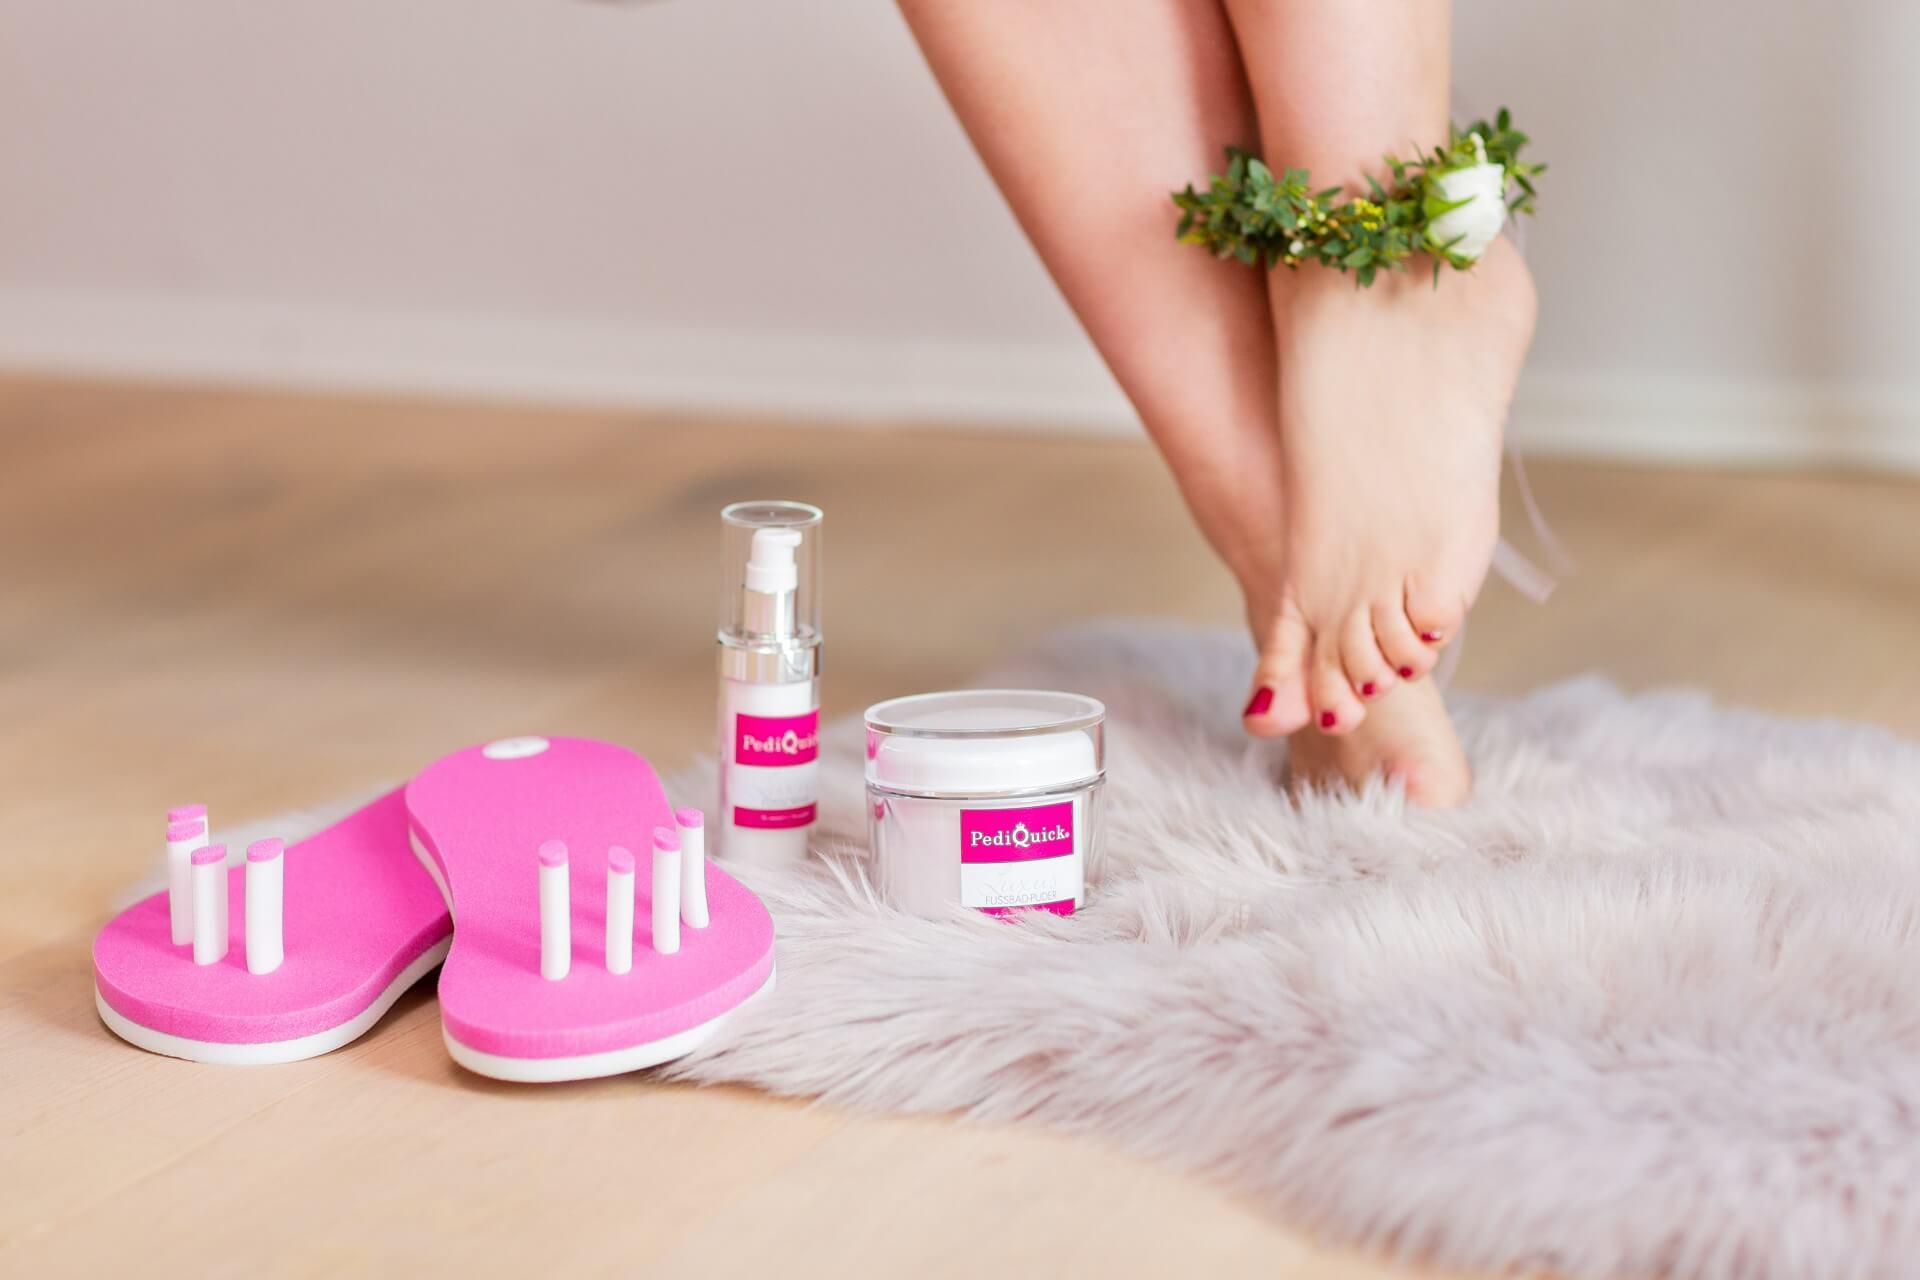 Pediküre selber machen - deine perfekte Fußpflege zuhause